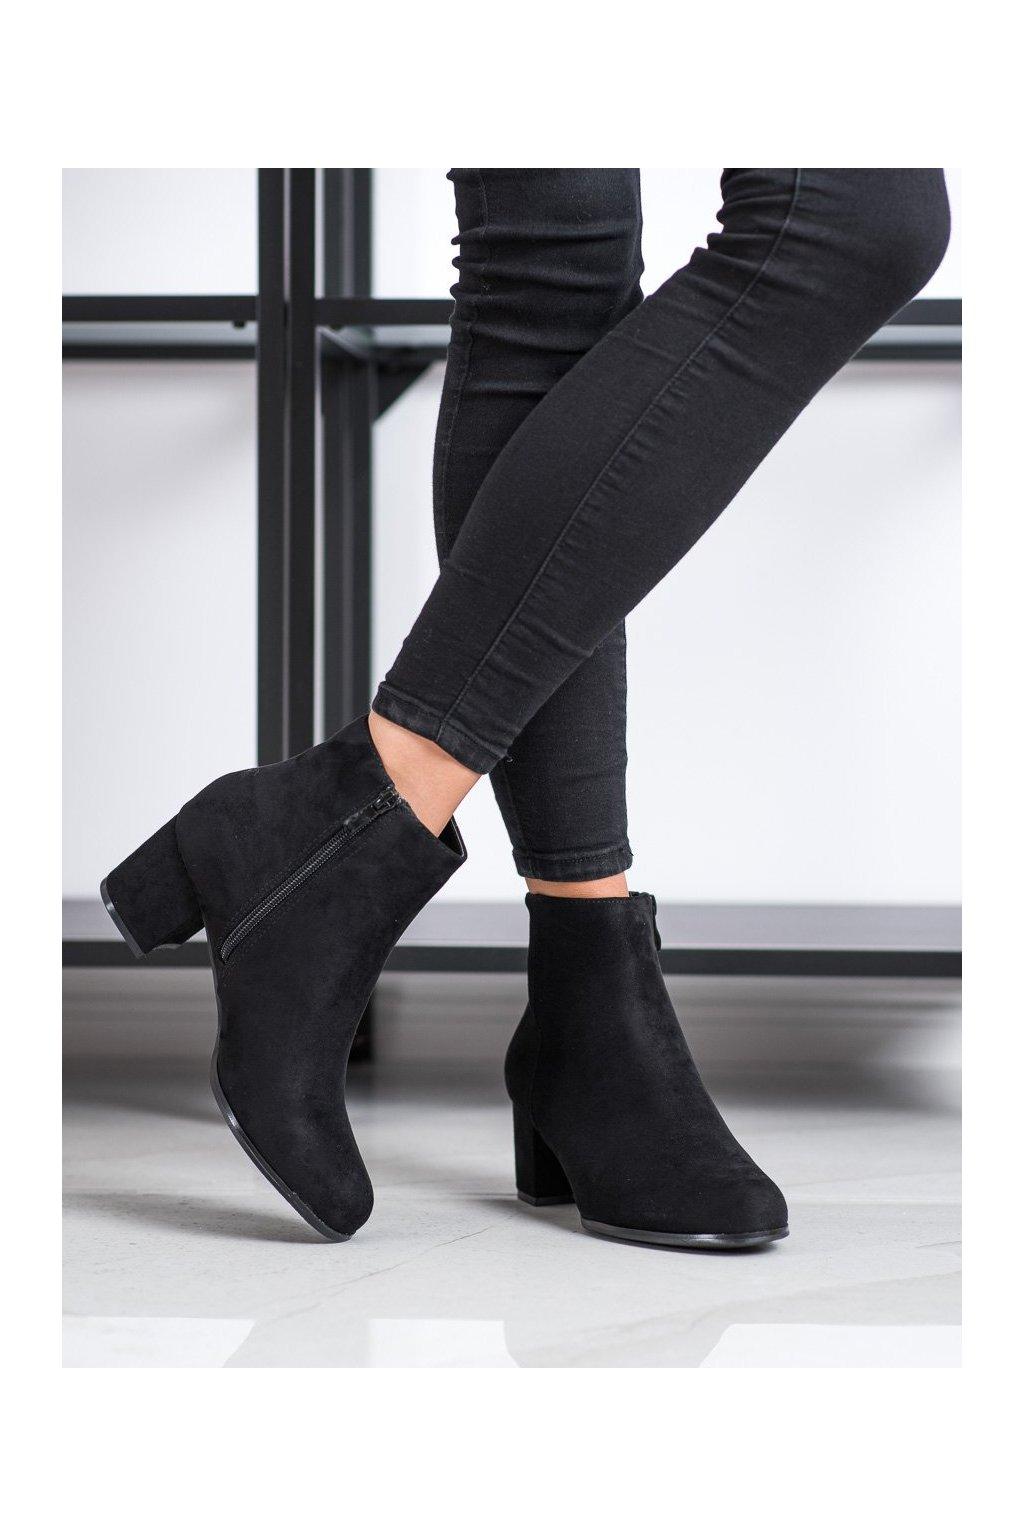 Čierne dámske topánky Lovery kod MM788B